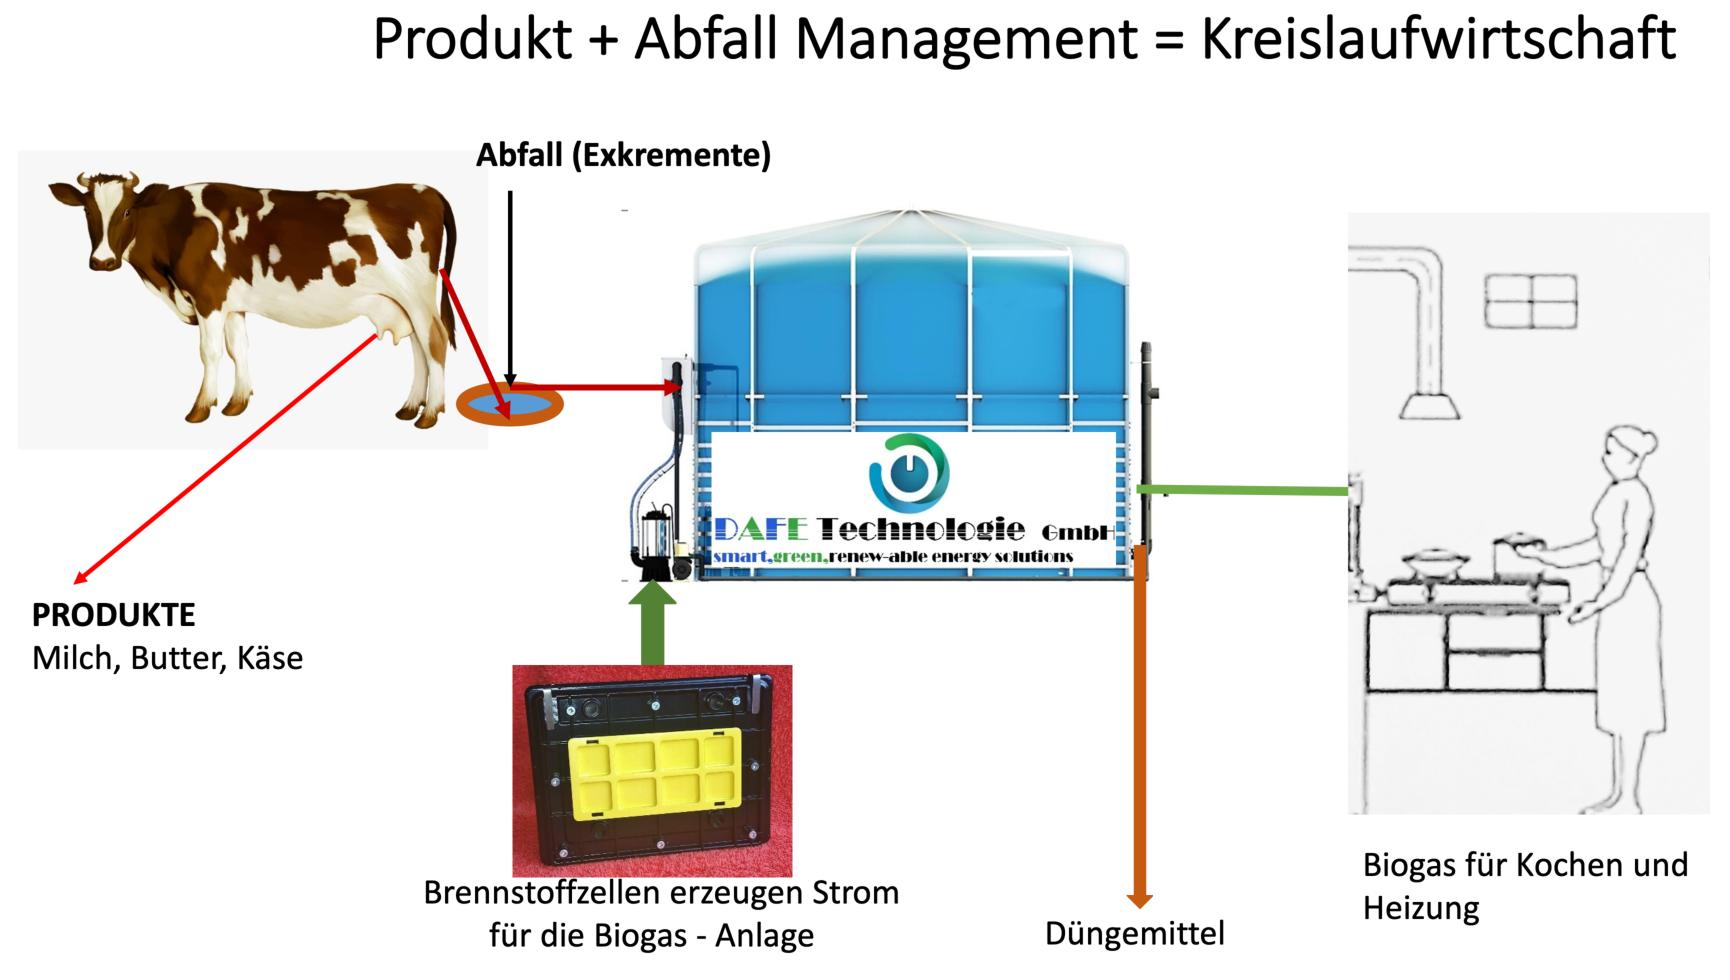 Produkt_Abfall_Management